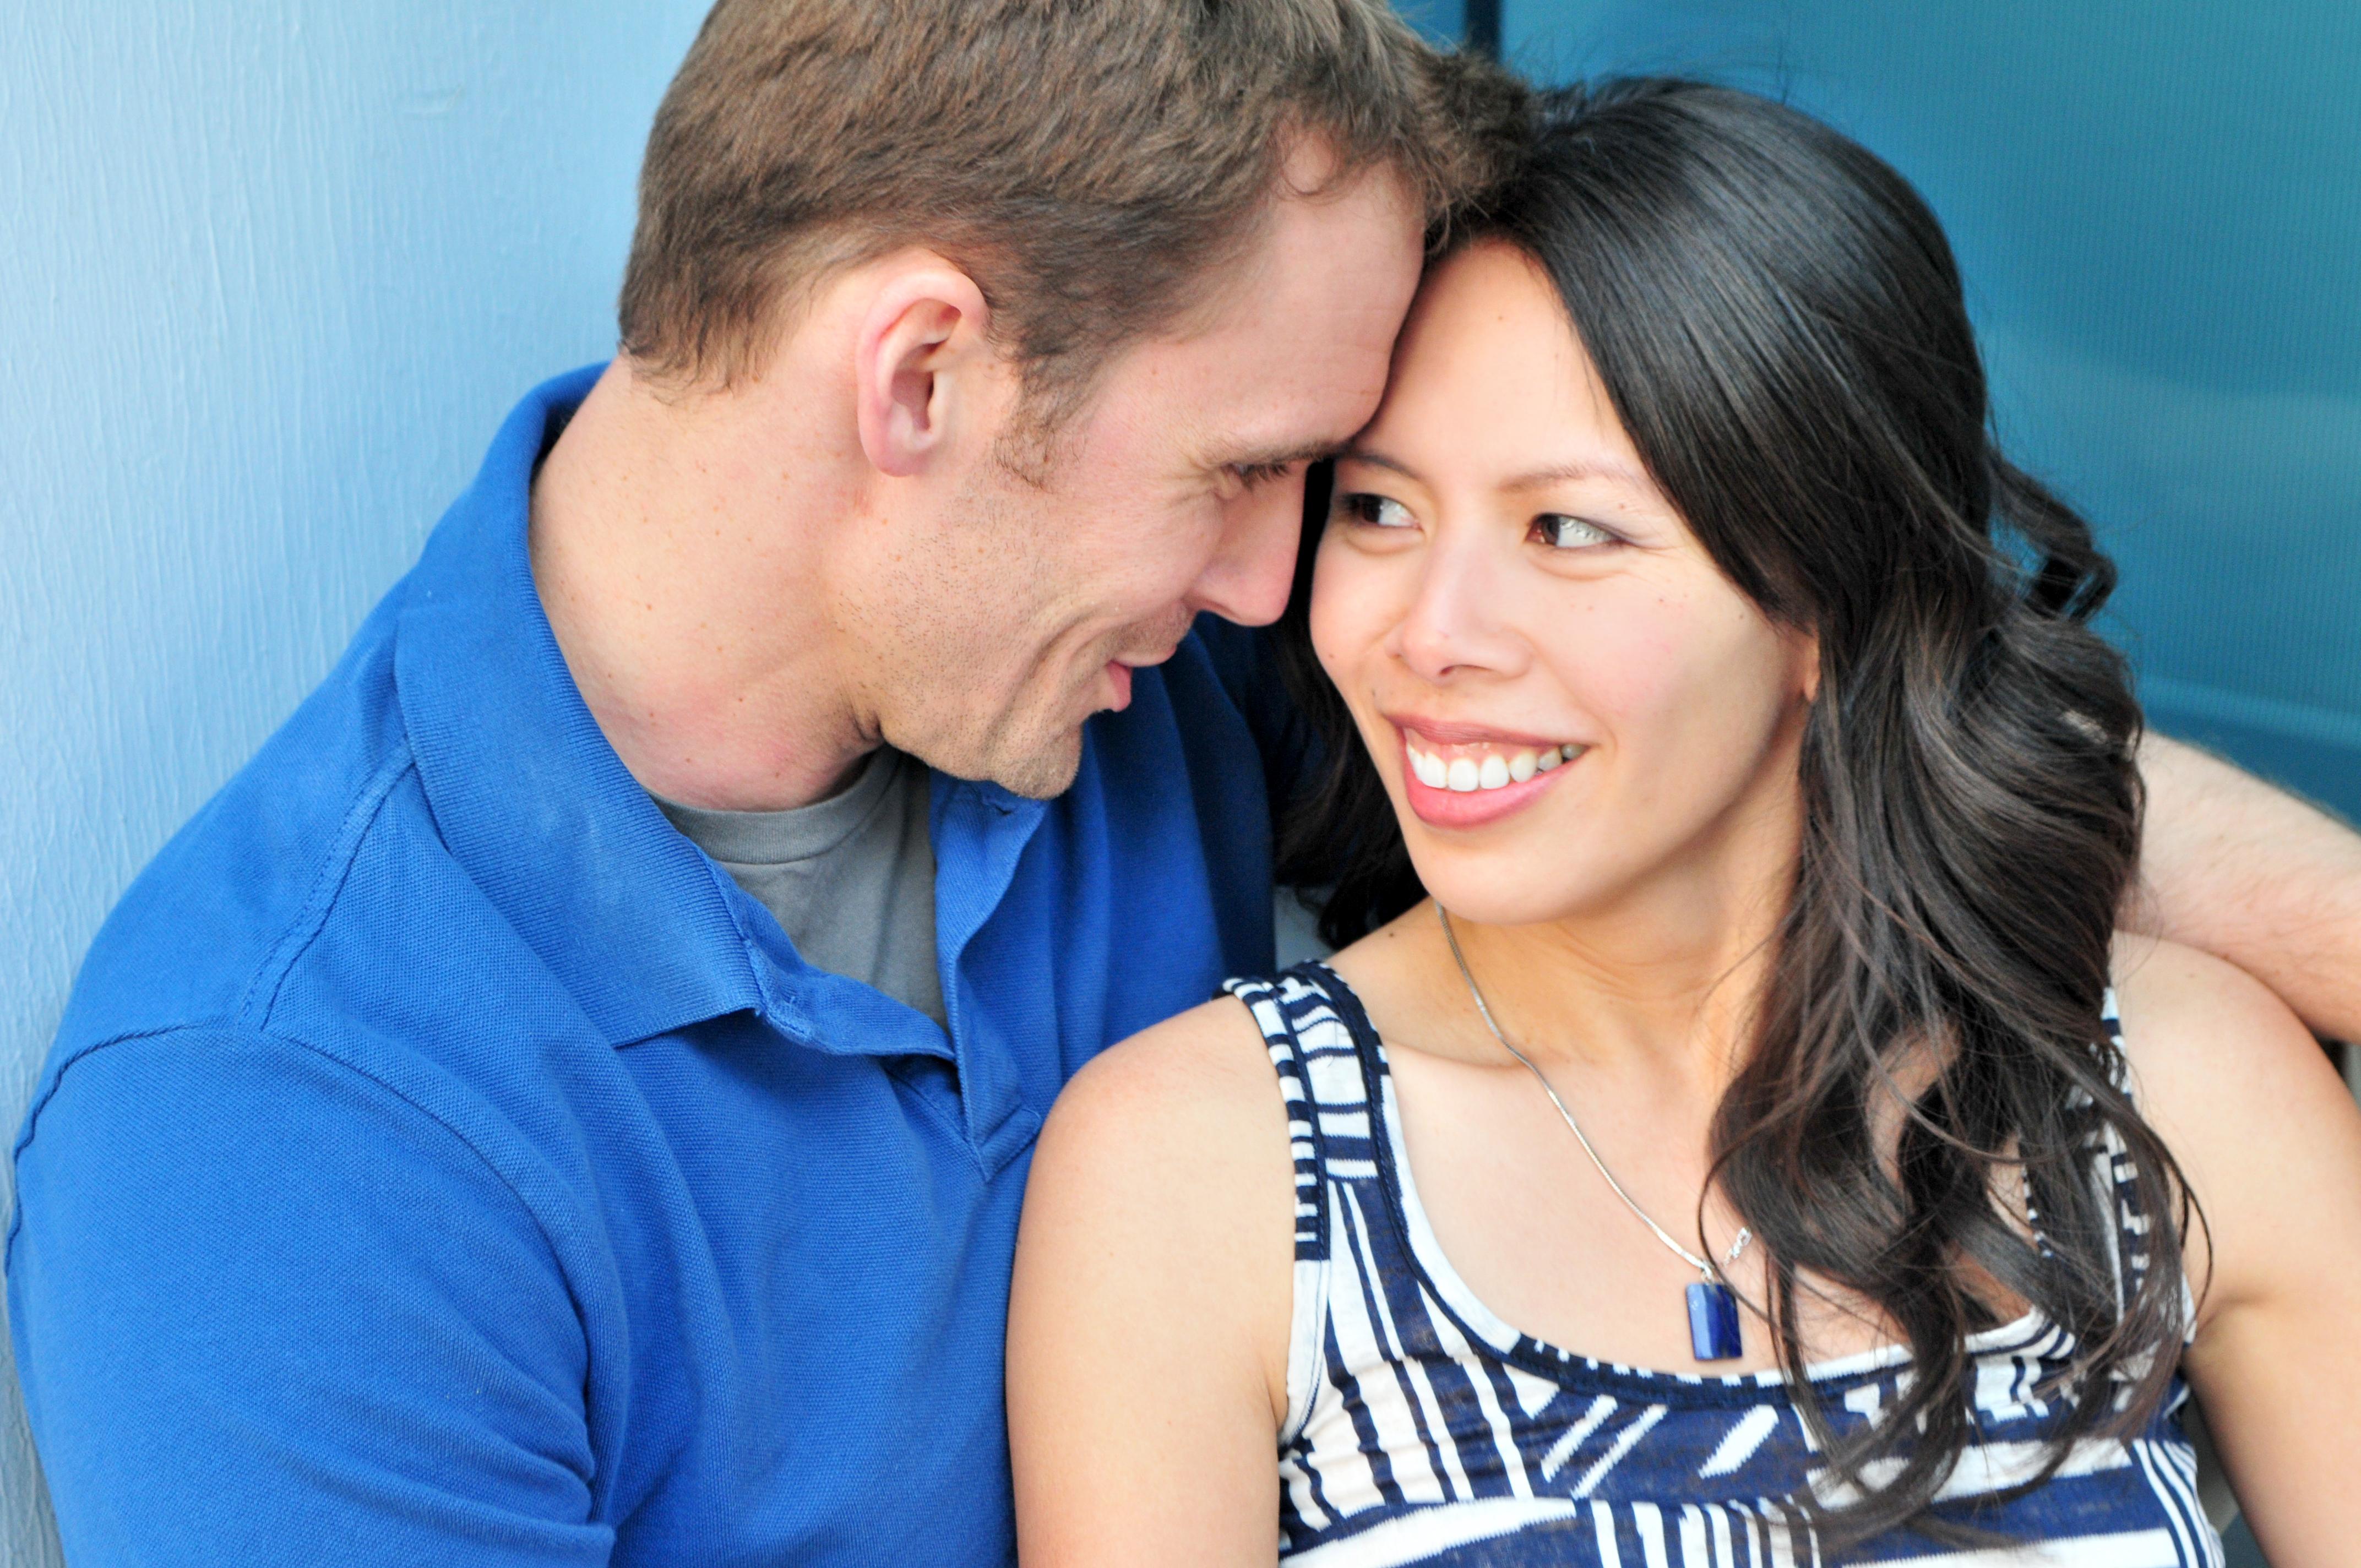 la joll engagement, san diego engagement, couple's portraits. la joll asunset, engagement portraits